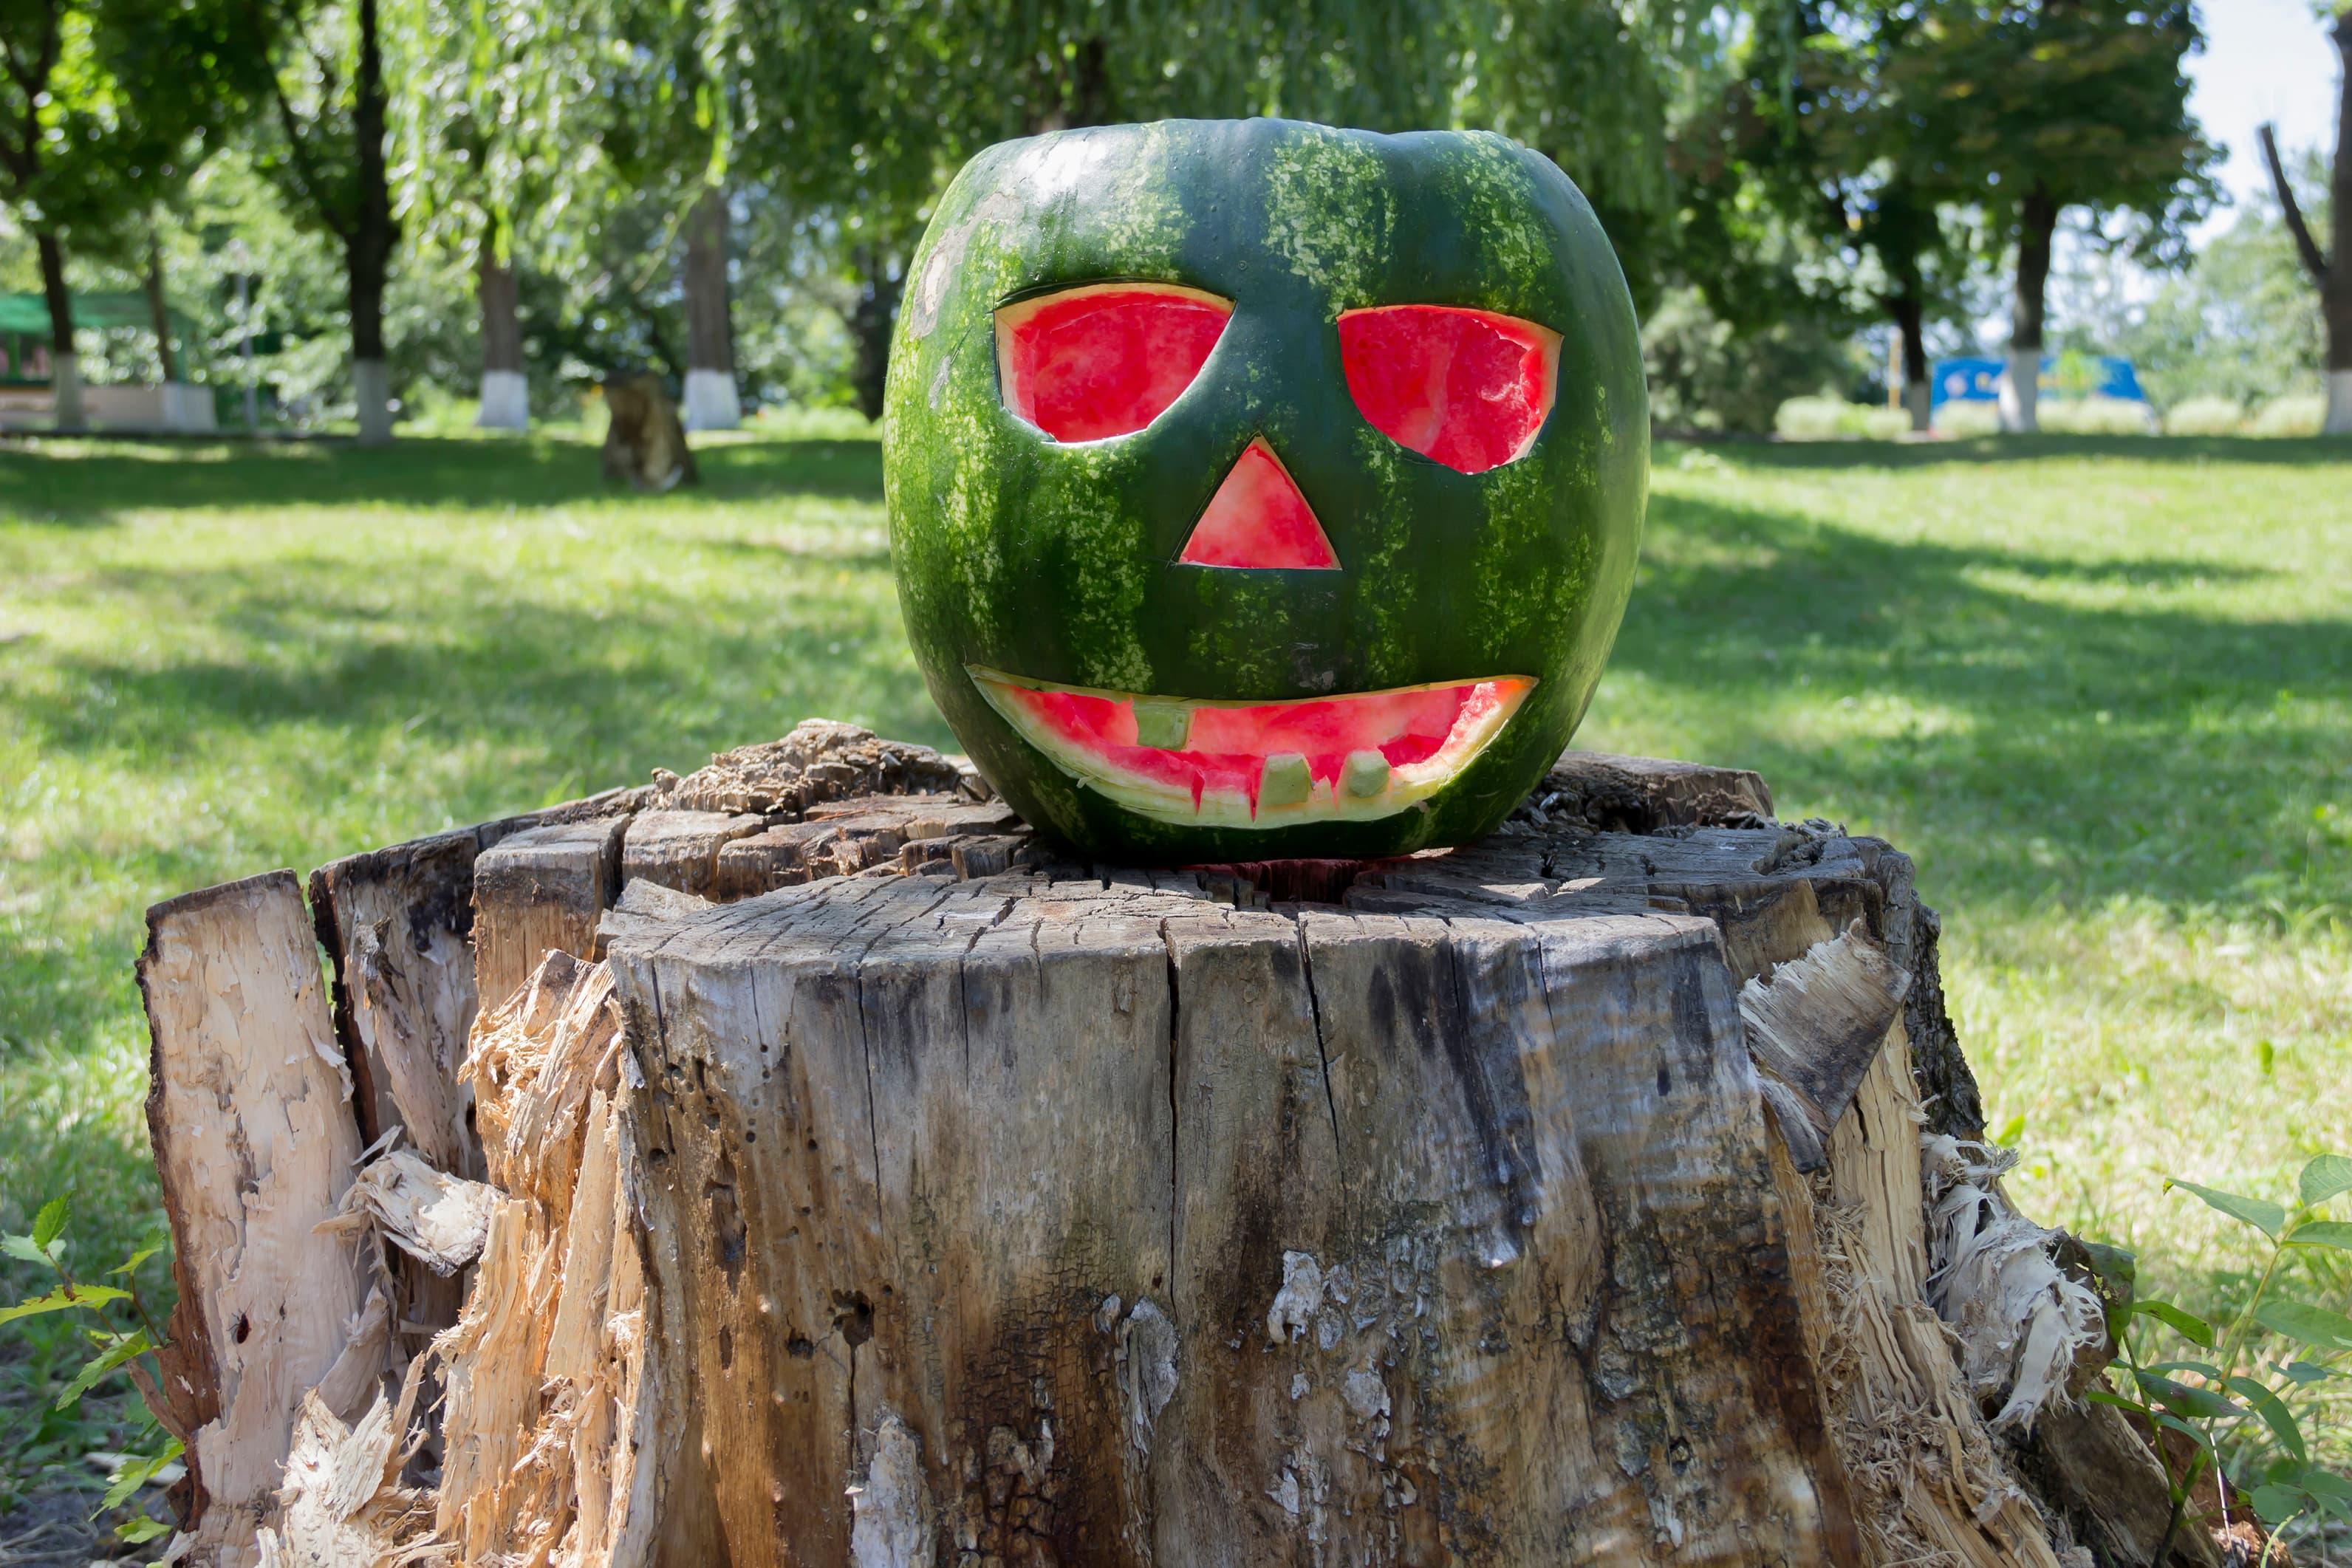 Også en hel vannmelon er et fint alternativ til gresskar. Foto: iStock